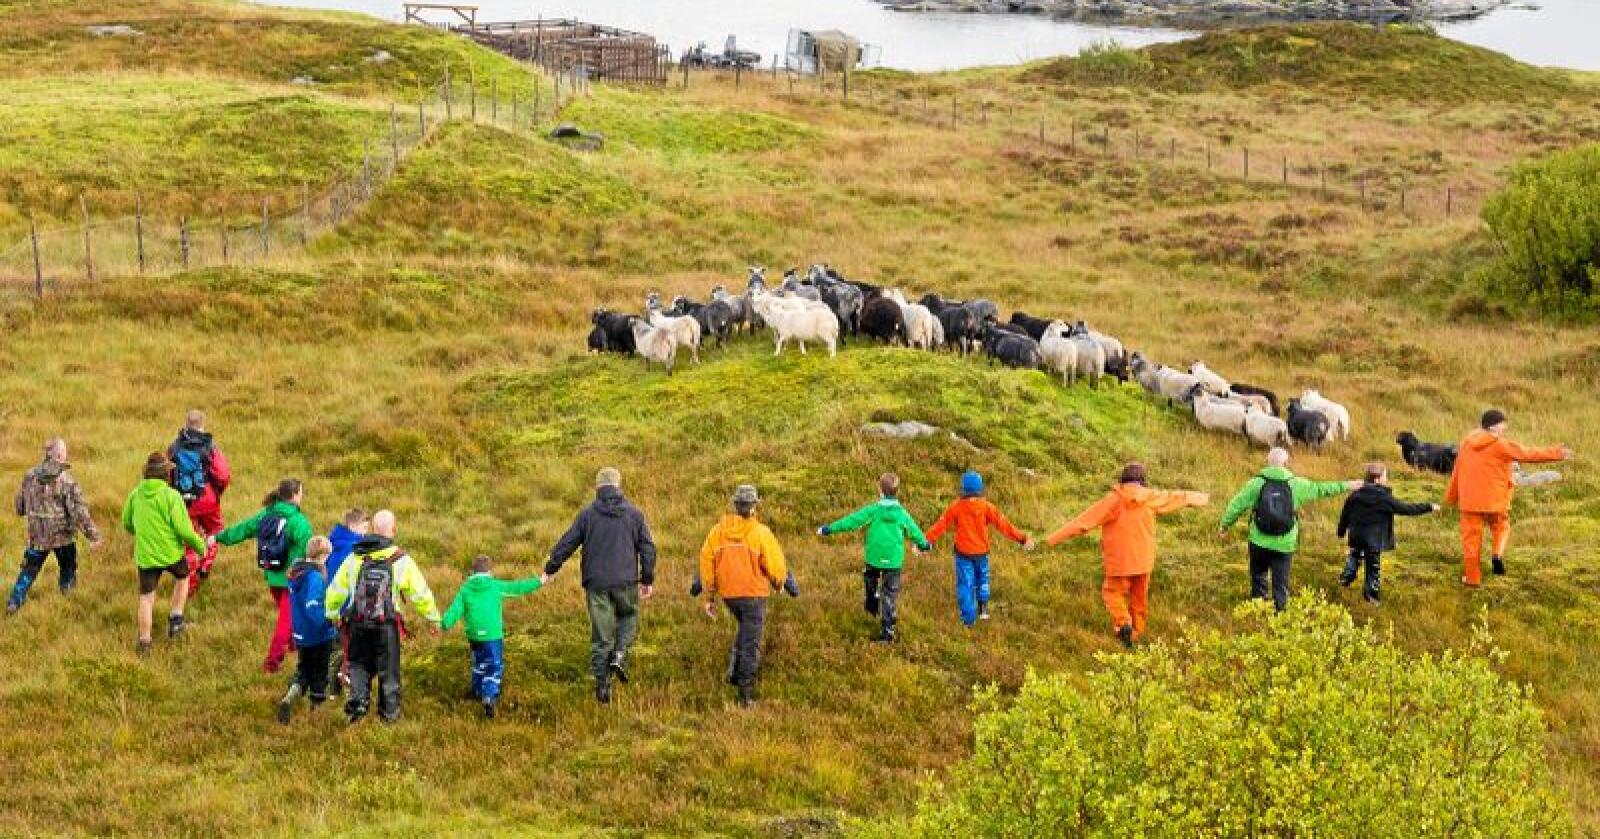 Gammelnorsk sau, er svært viktig for skjøtsel av den trua naturtypen kystlynghei. Foto: Leif-Arne Furevik